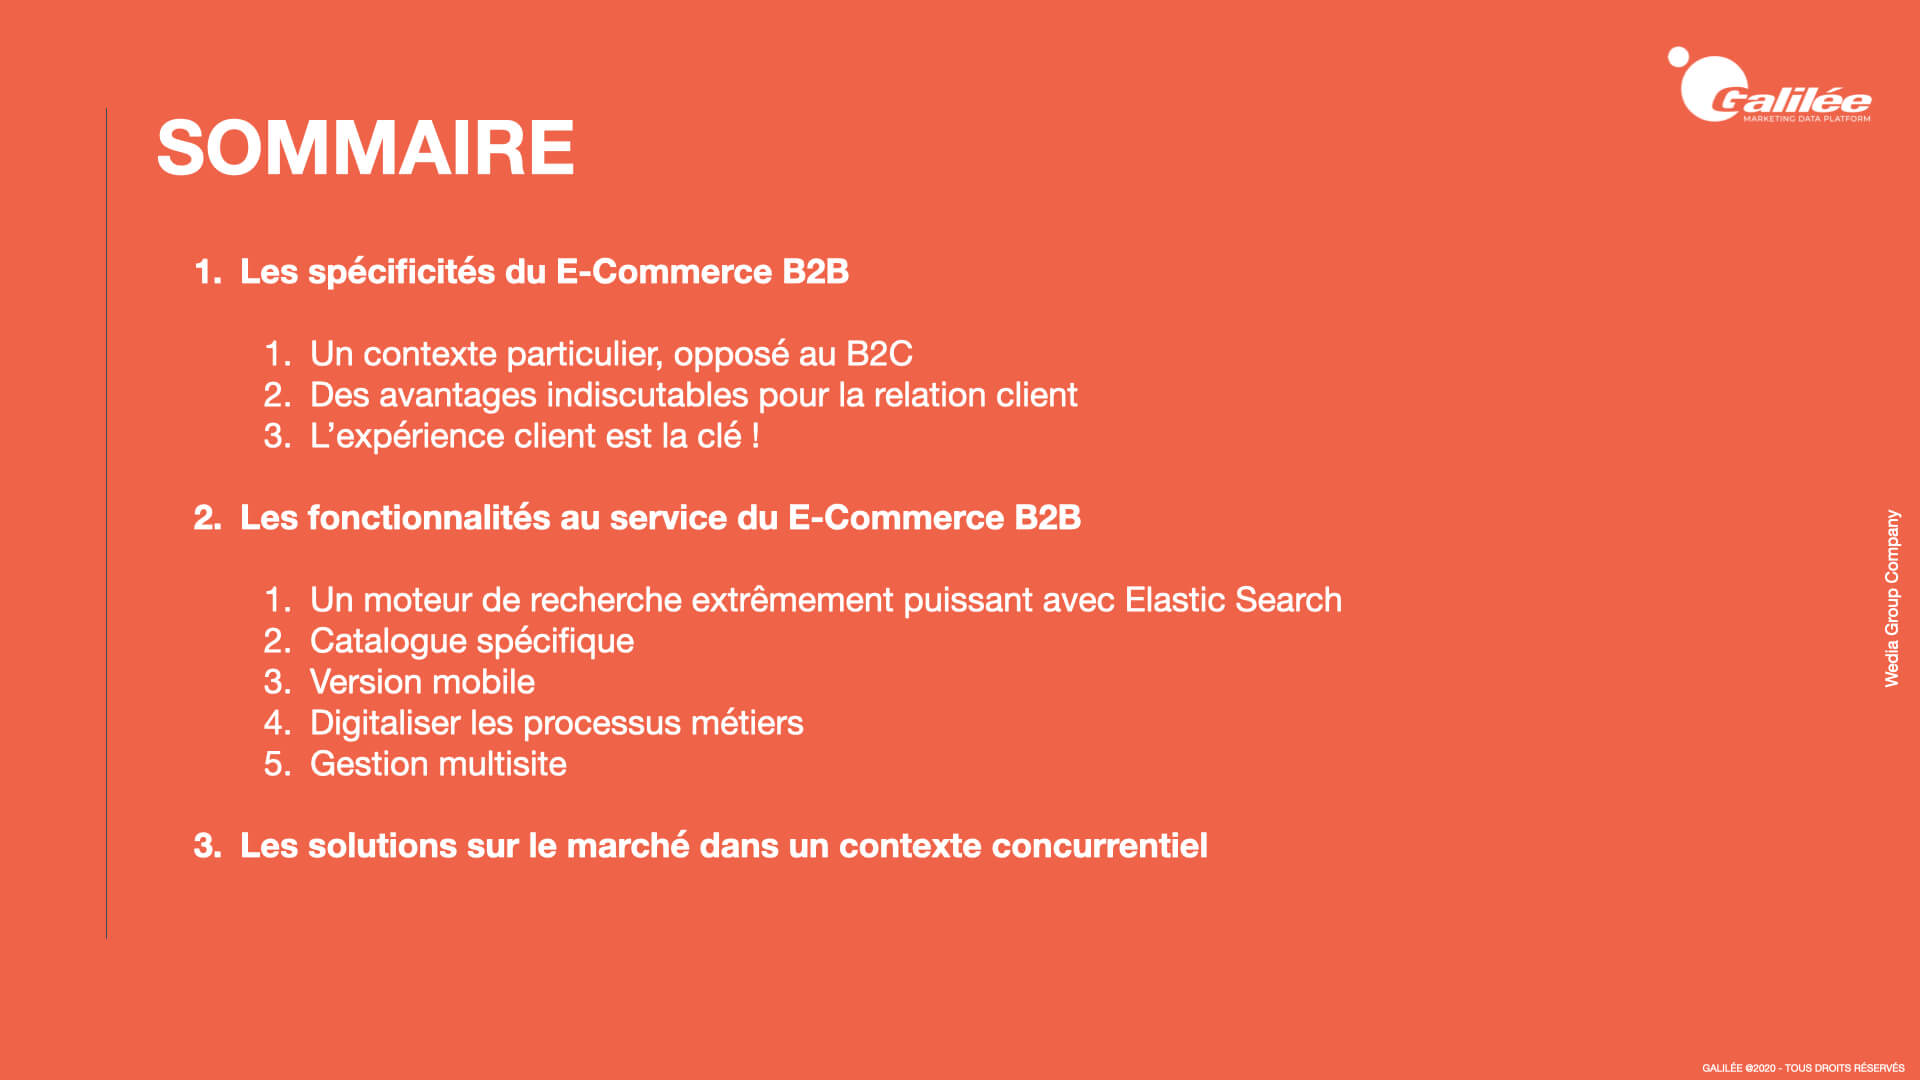 L'E-Commerce B2B en 2020 : un site de vente en ligne efficace